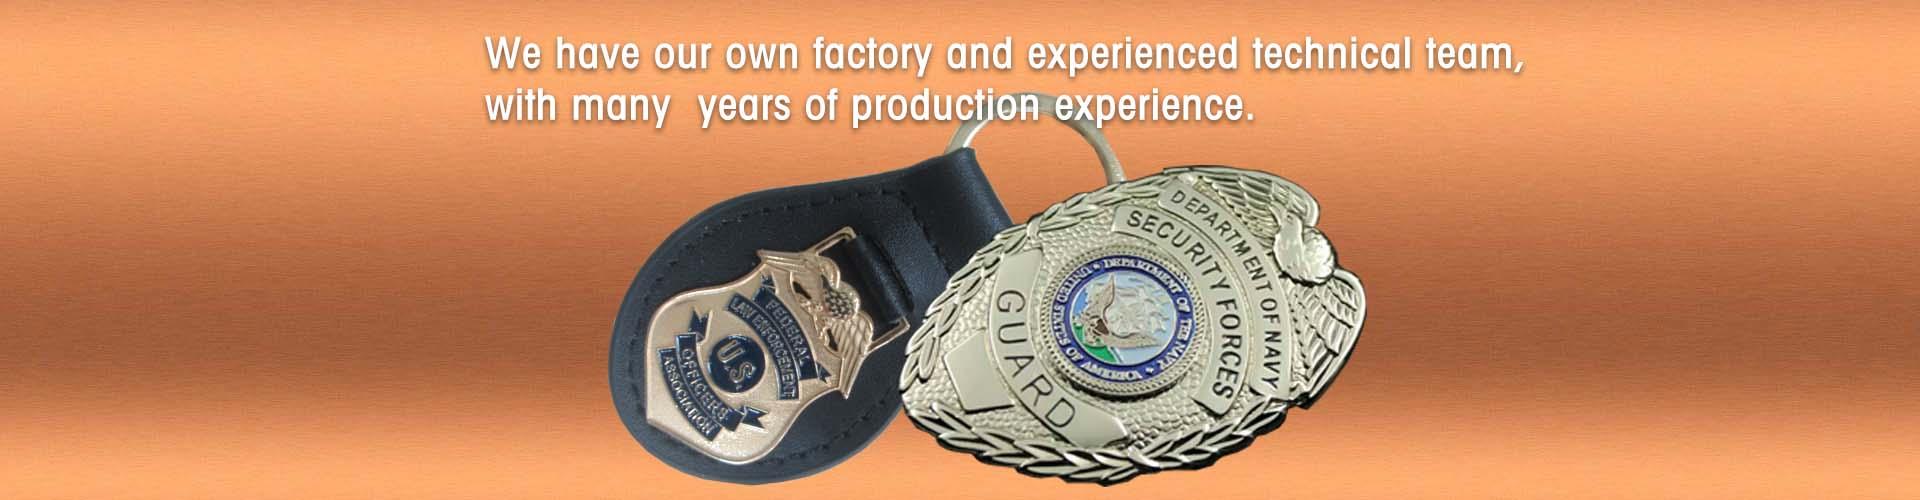 custom metal lapel pin, enamel lapel pin badge,promotion lapel pin